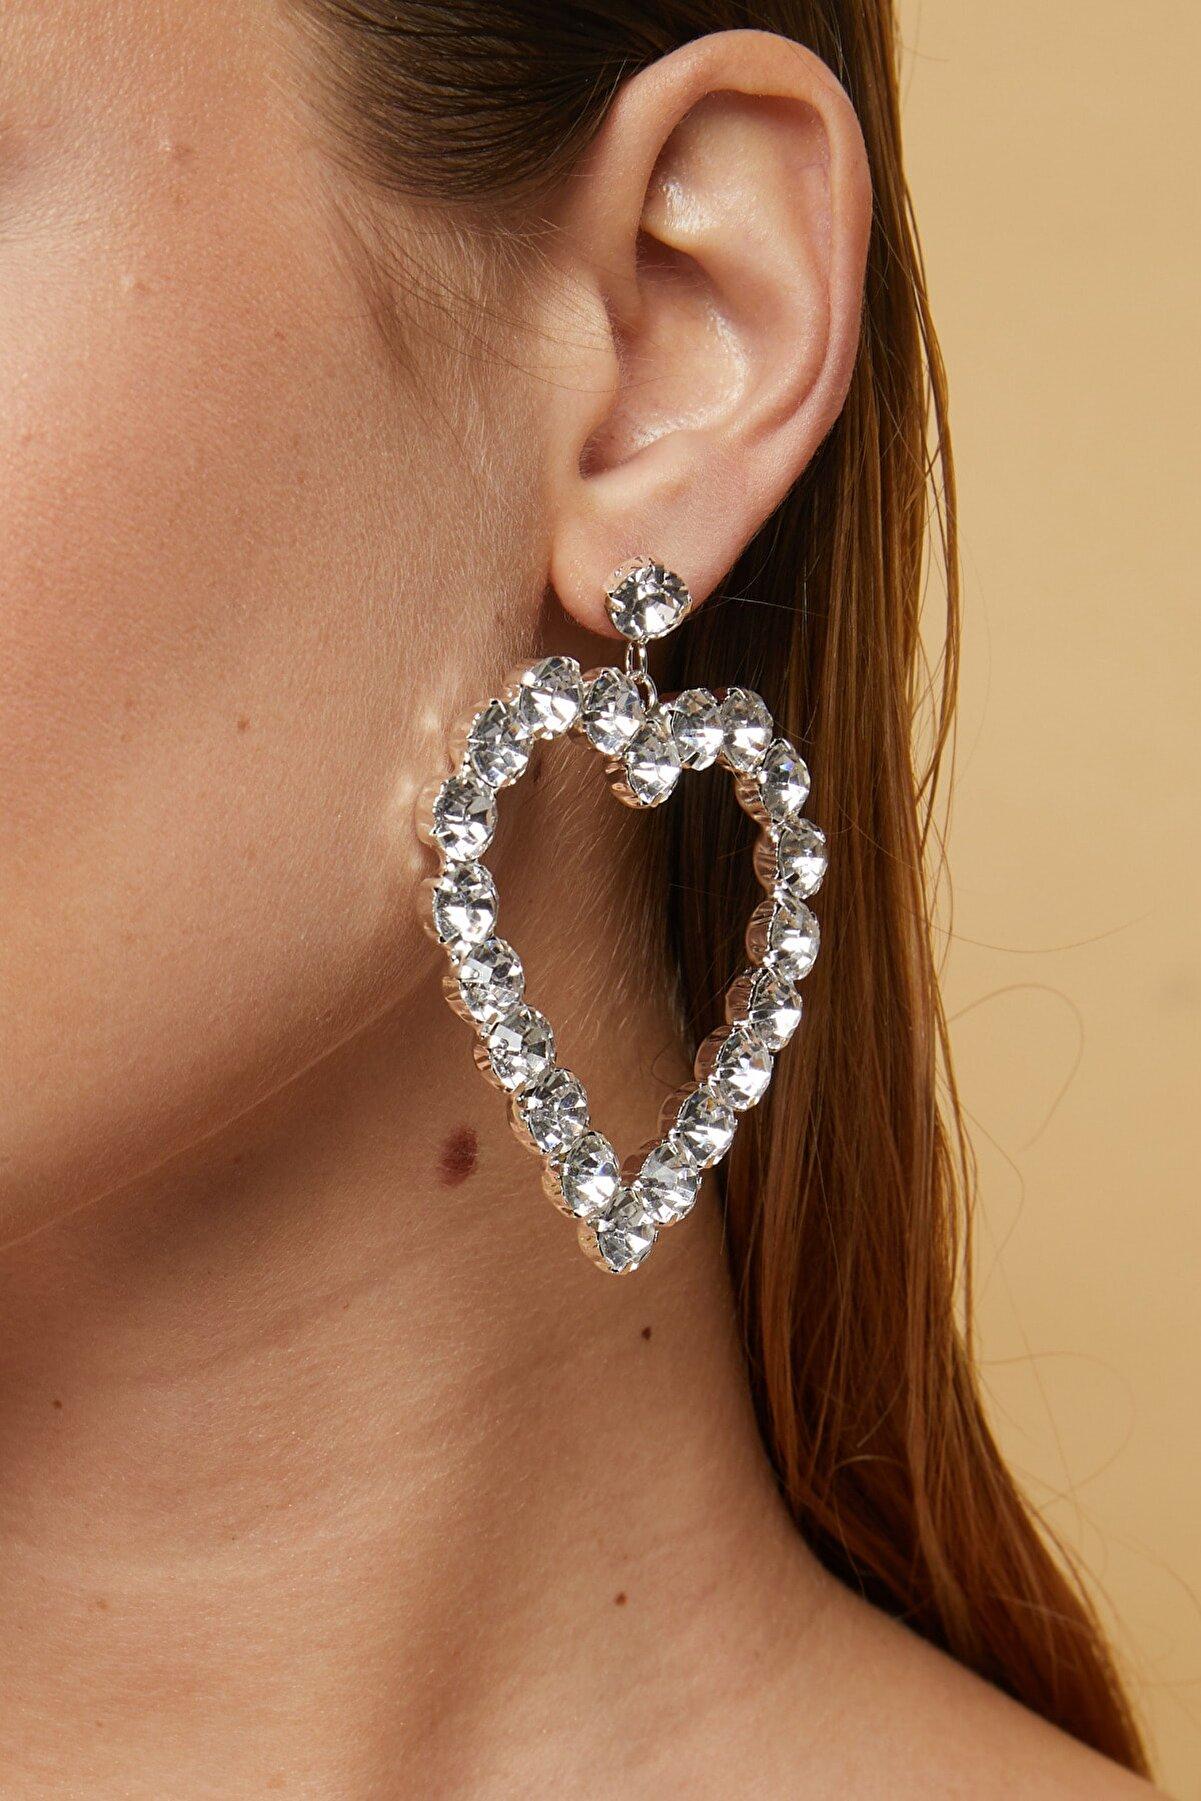 Gunbaz Kadın Kristal Taşlı Kalp Küpe Silver 003